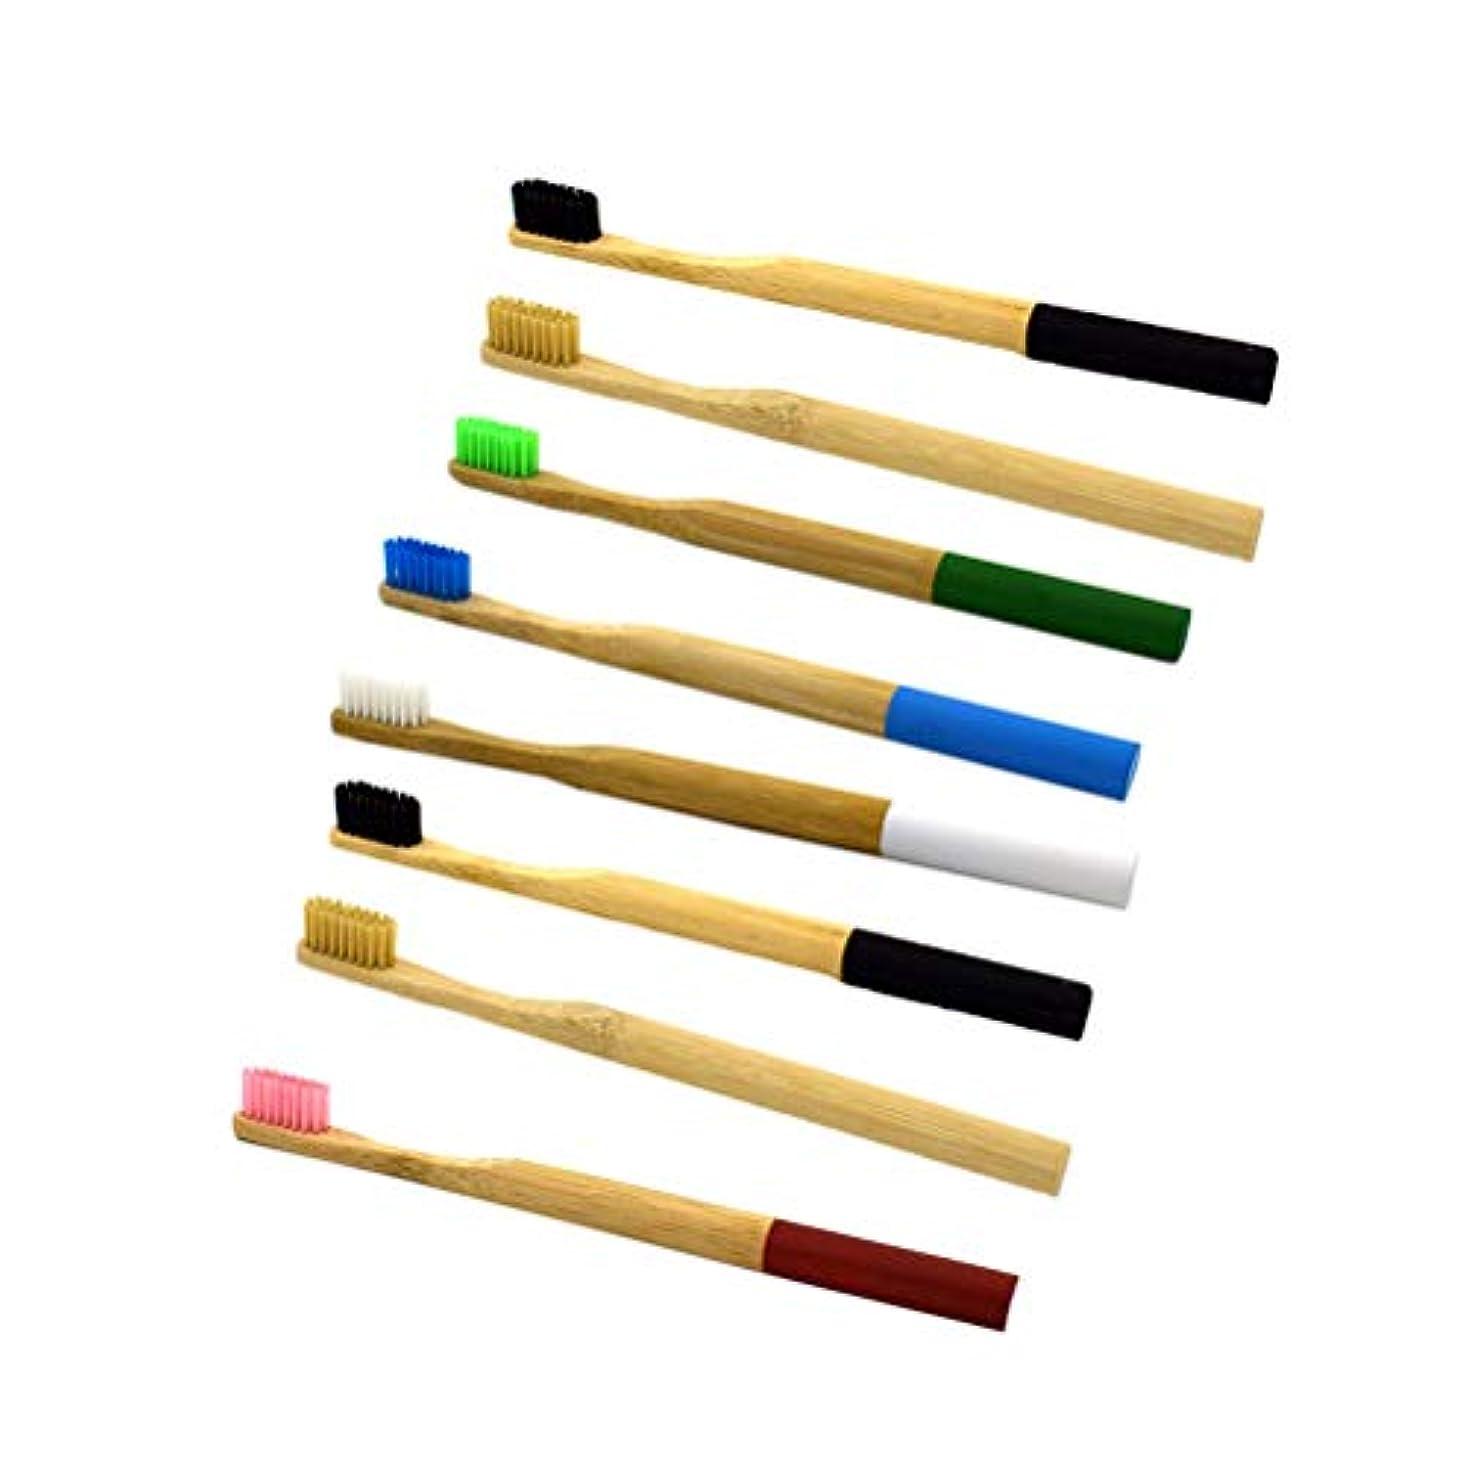 おもしろい計画気性Healifty 柔らかい環境に優しい歯ブラシ8本の天然竹製の歯ブラシ柔らかいエコフレンドリーなラウンドハンドルの歯ブラシと柔らかいナイロン剛毛(混合色)